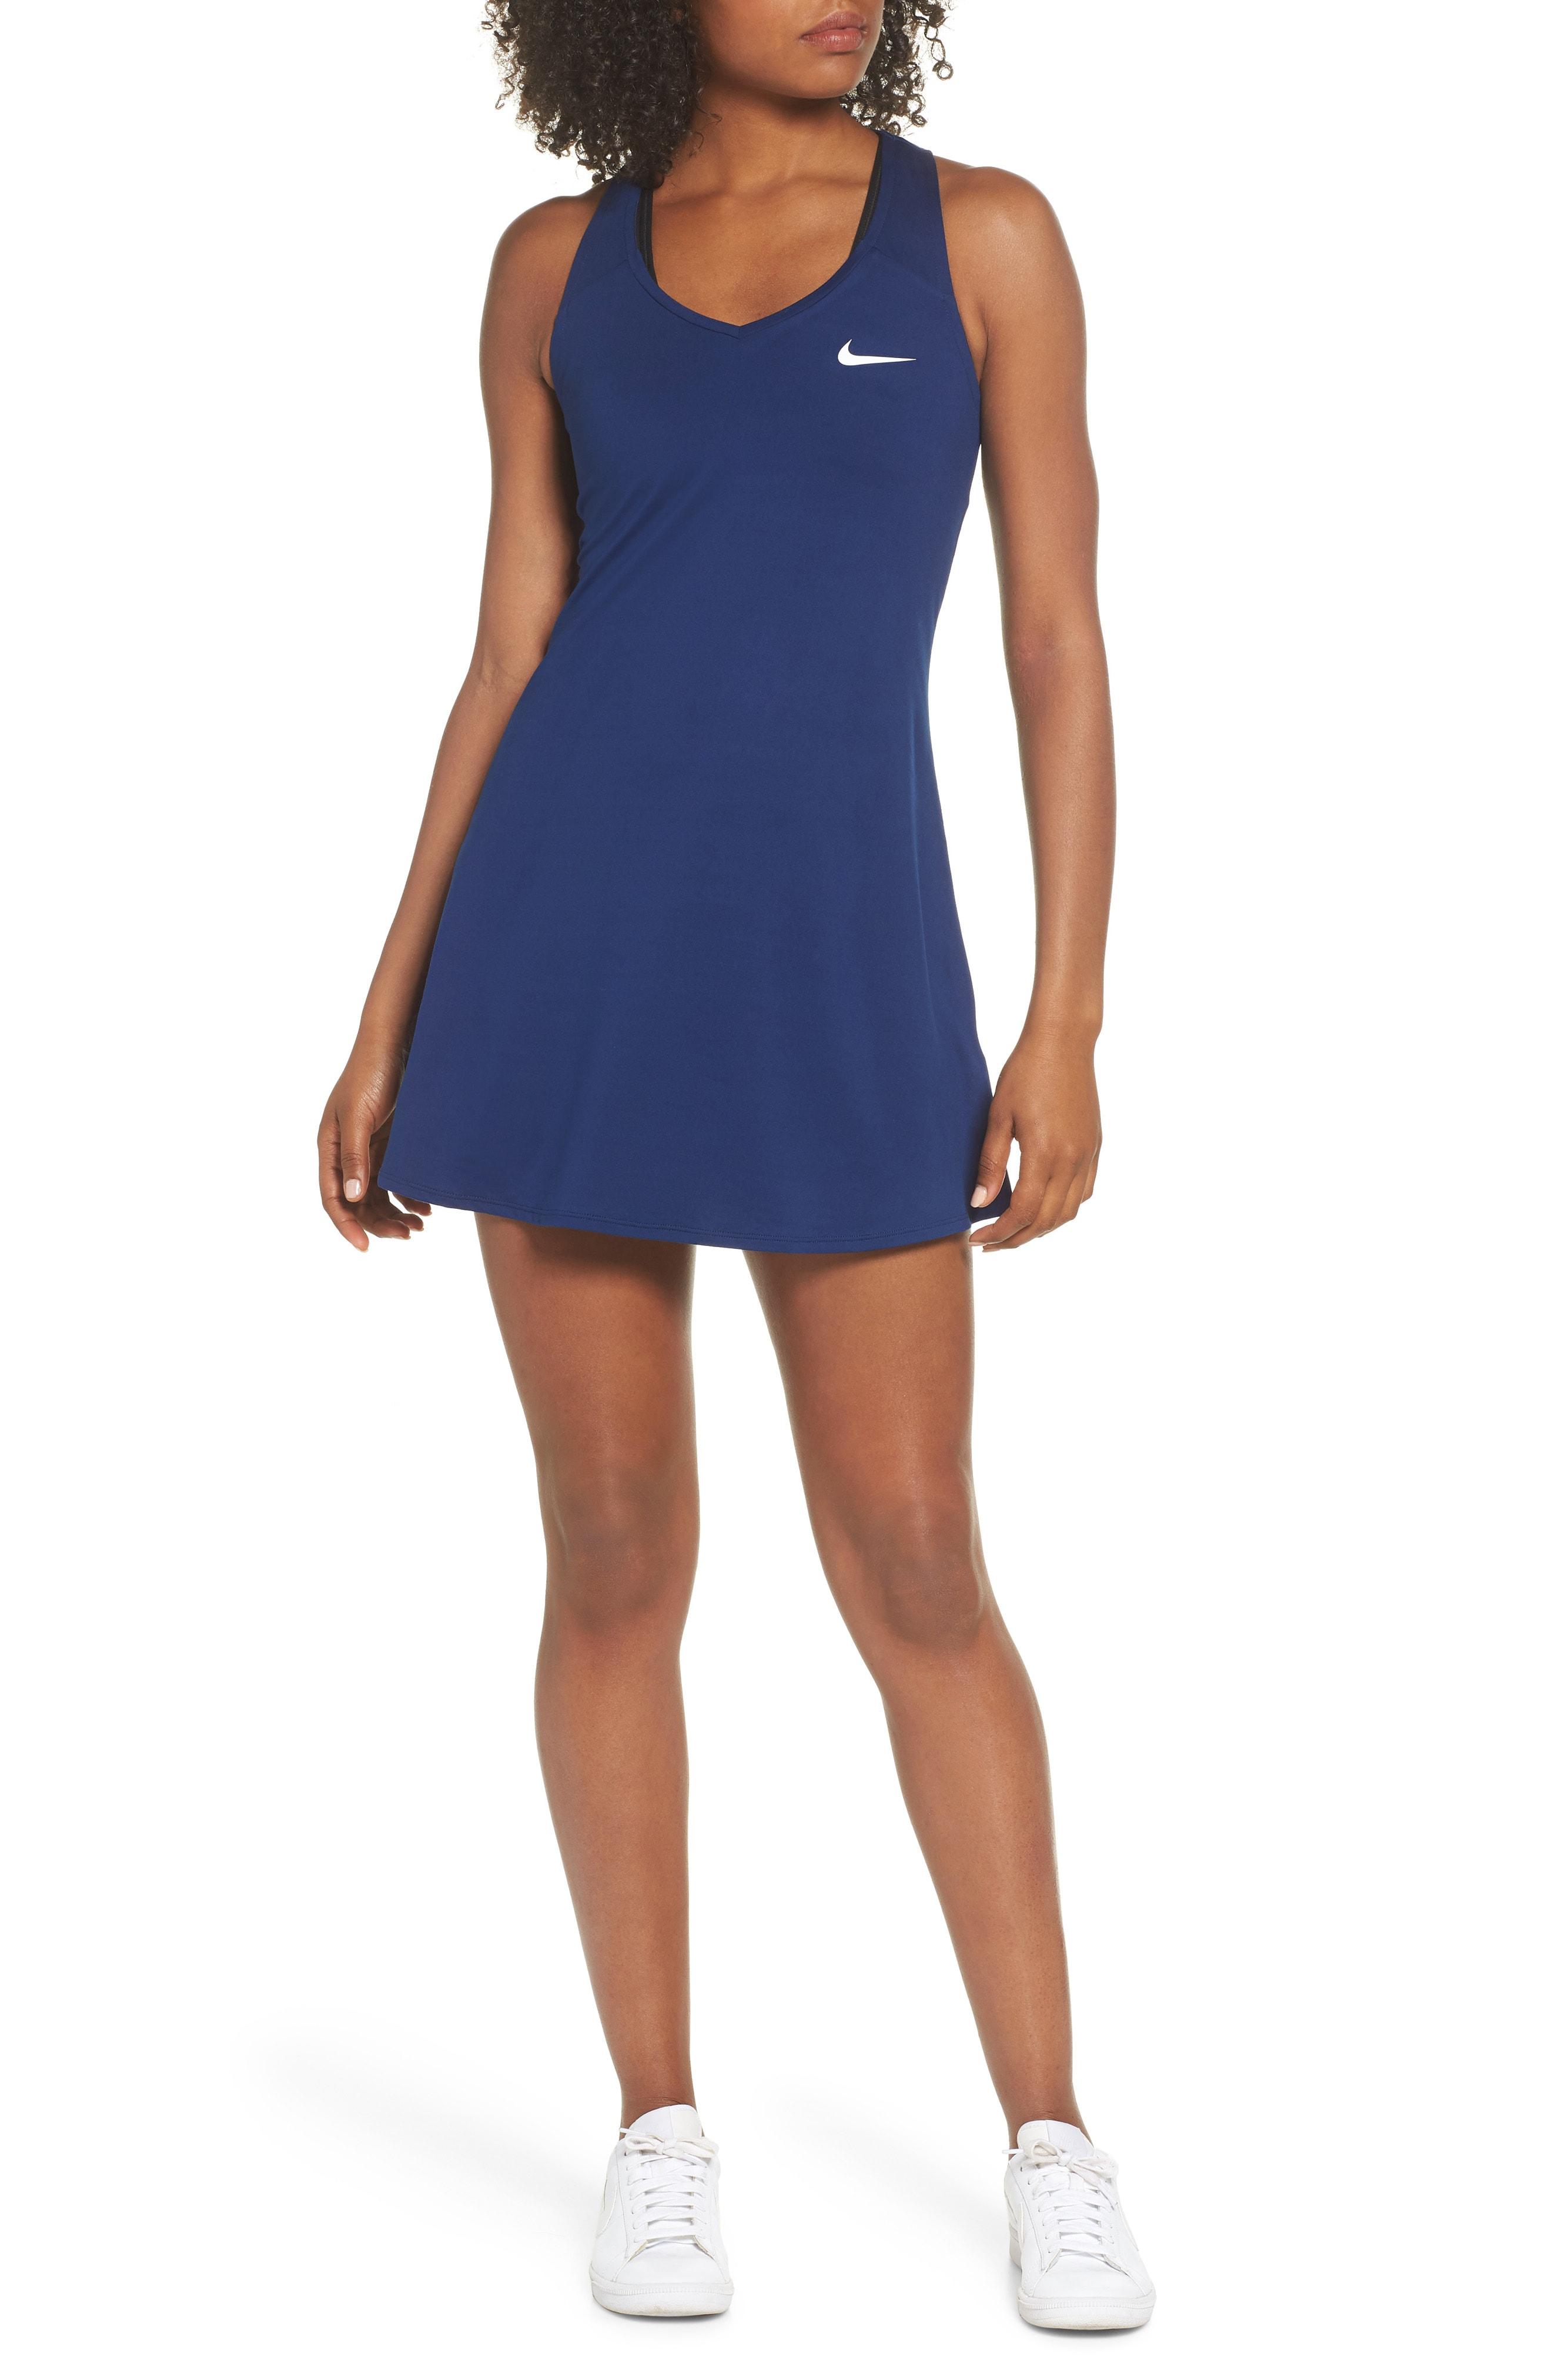 Nike Dri-FIT Tennis Dress